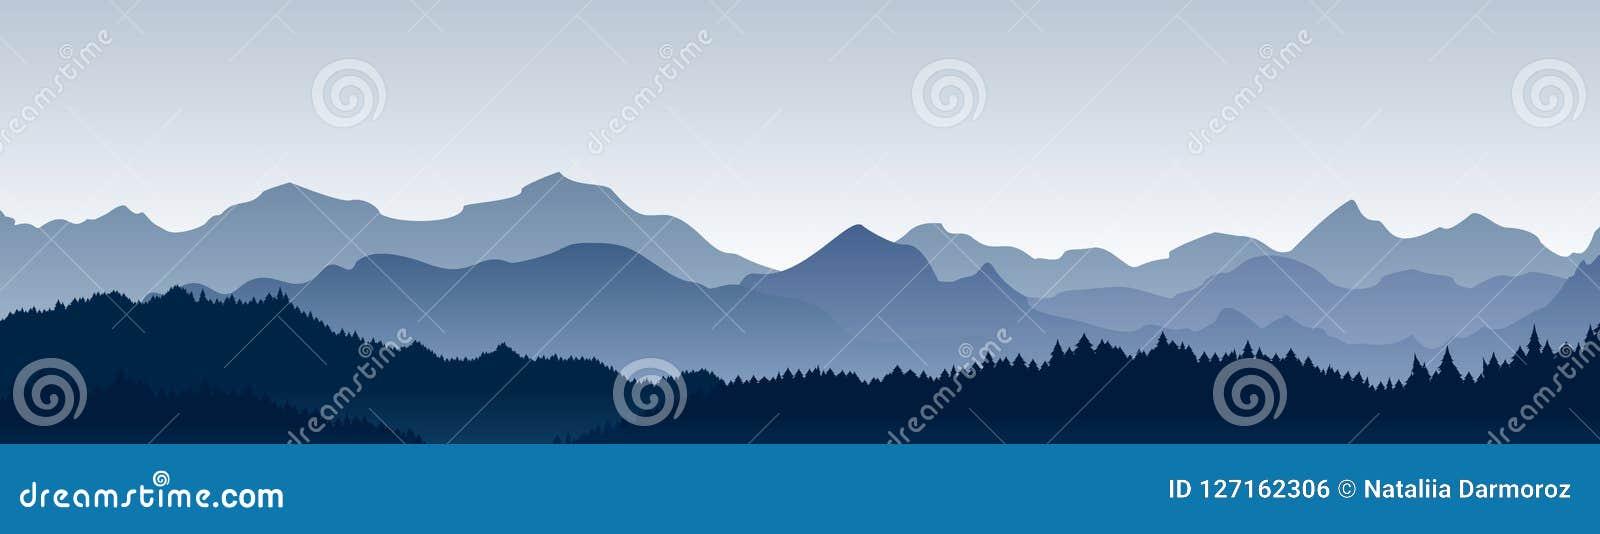 Ilustração do vetor da vista panorâmica bonita Montanhas na névoa com floresta, fundo da montanha da manhã, paisagem